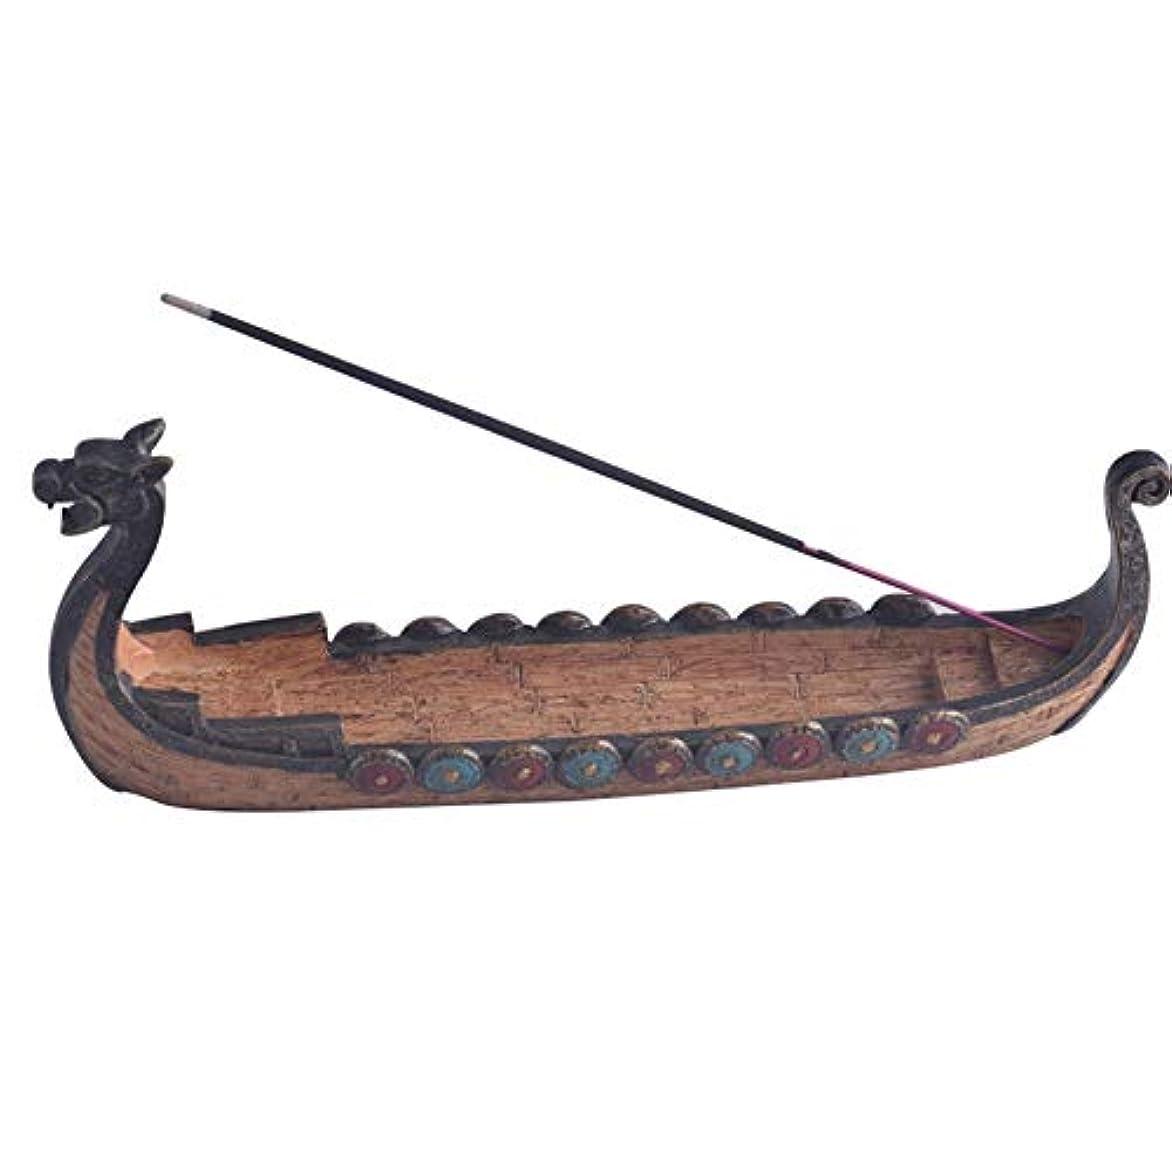 世界に死んだ学生フロンティアTenflyer スティック香中国の伝統的な家の装飾のためのドラゴンボート型香炉